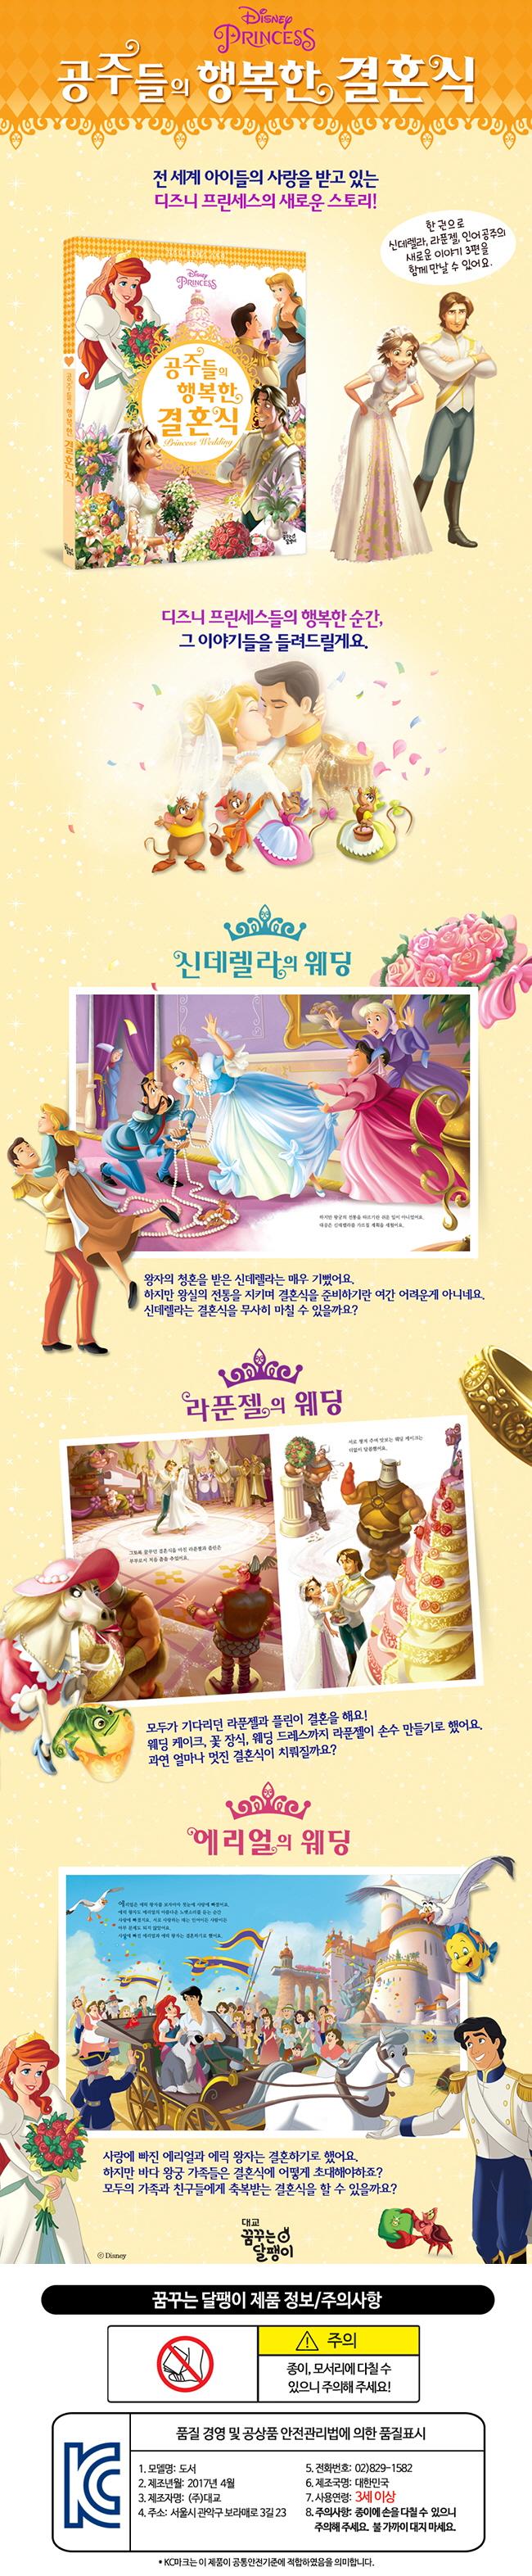 공주들의 행복한 결혼식(Disney Princess)(양장본 HardCover) 도서 상세이미지